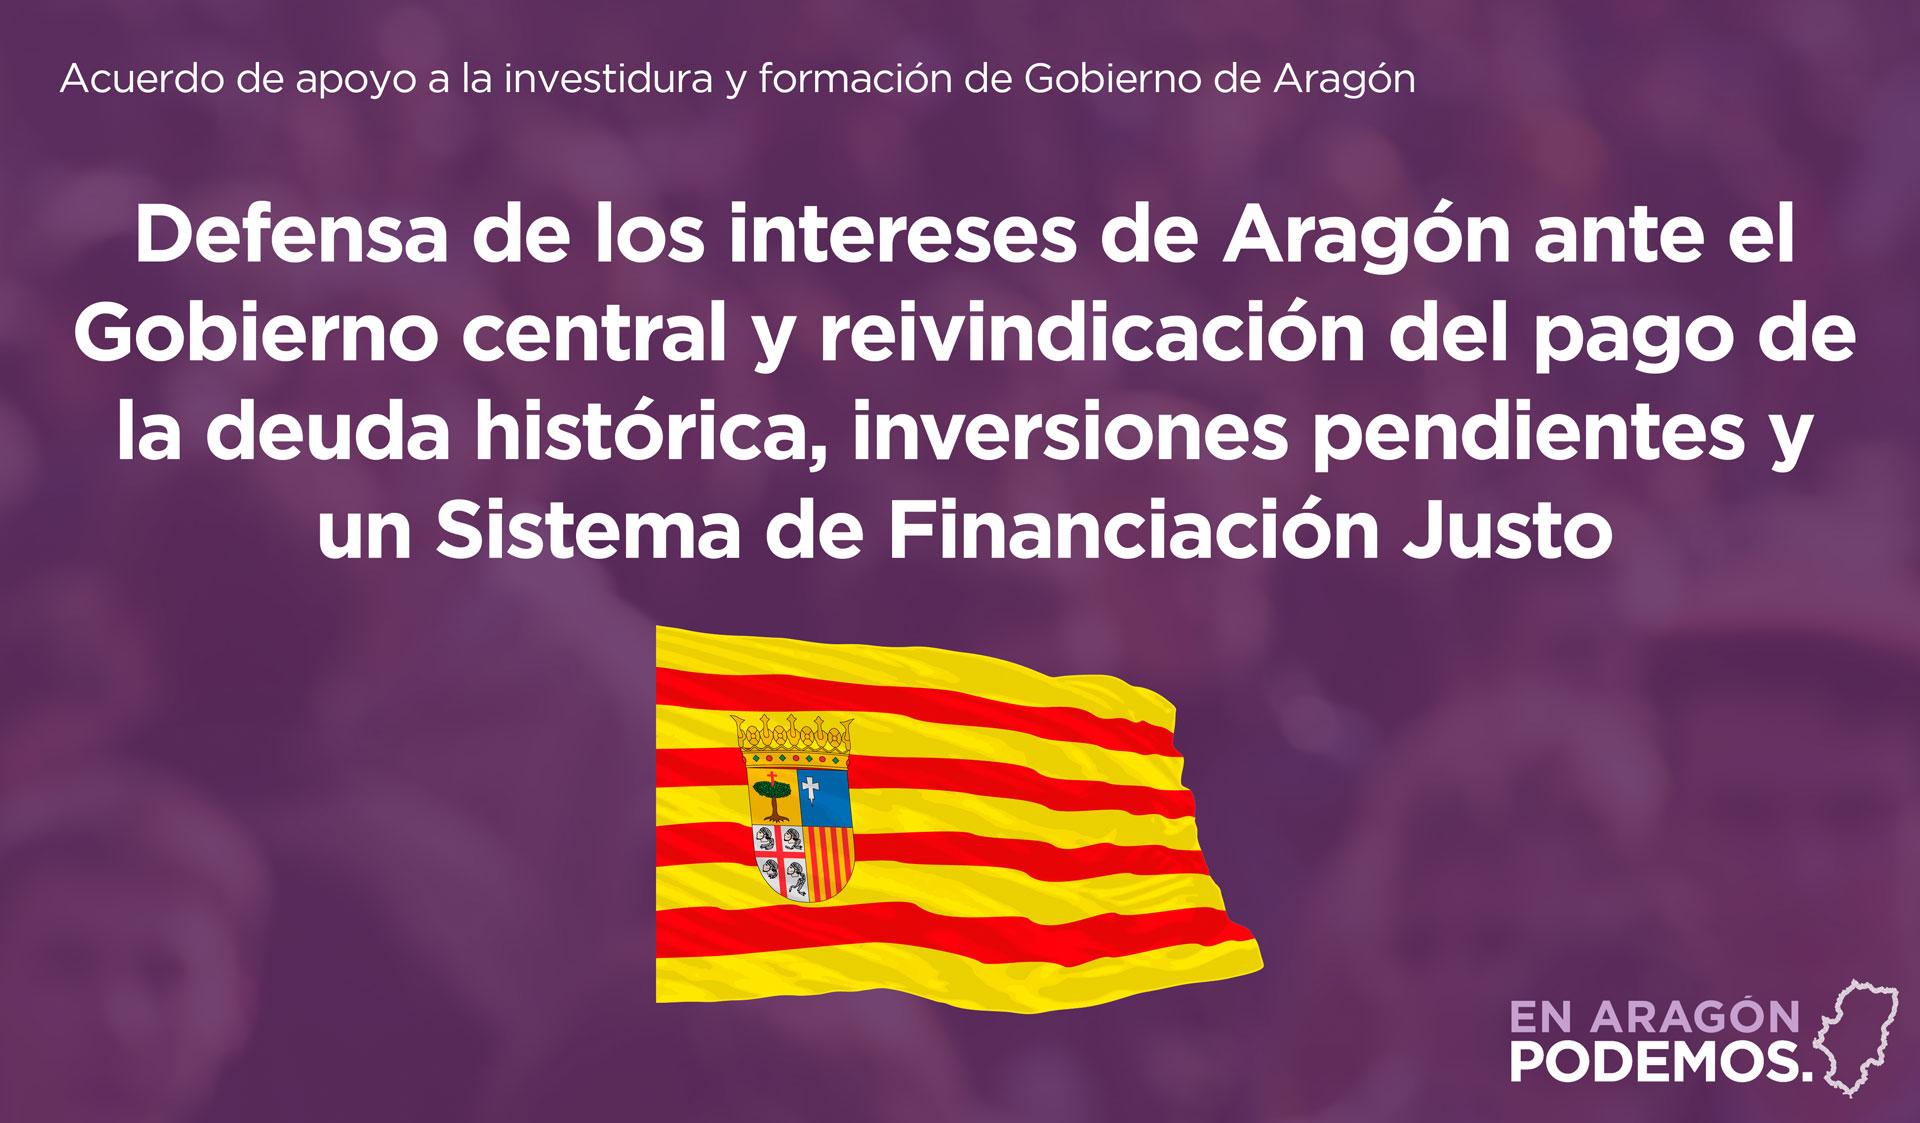 Defensa de los intereses de Aragón ante el Gobiermo de España